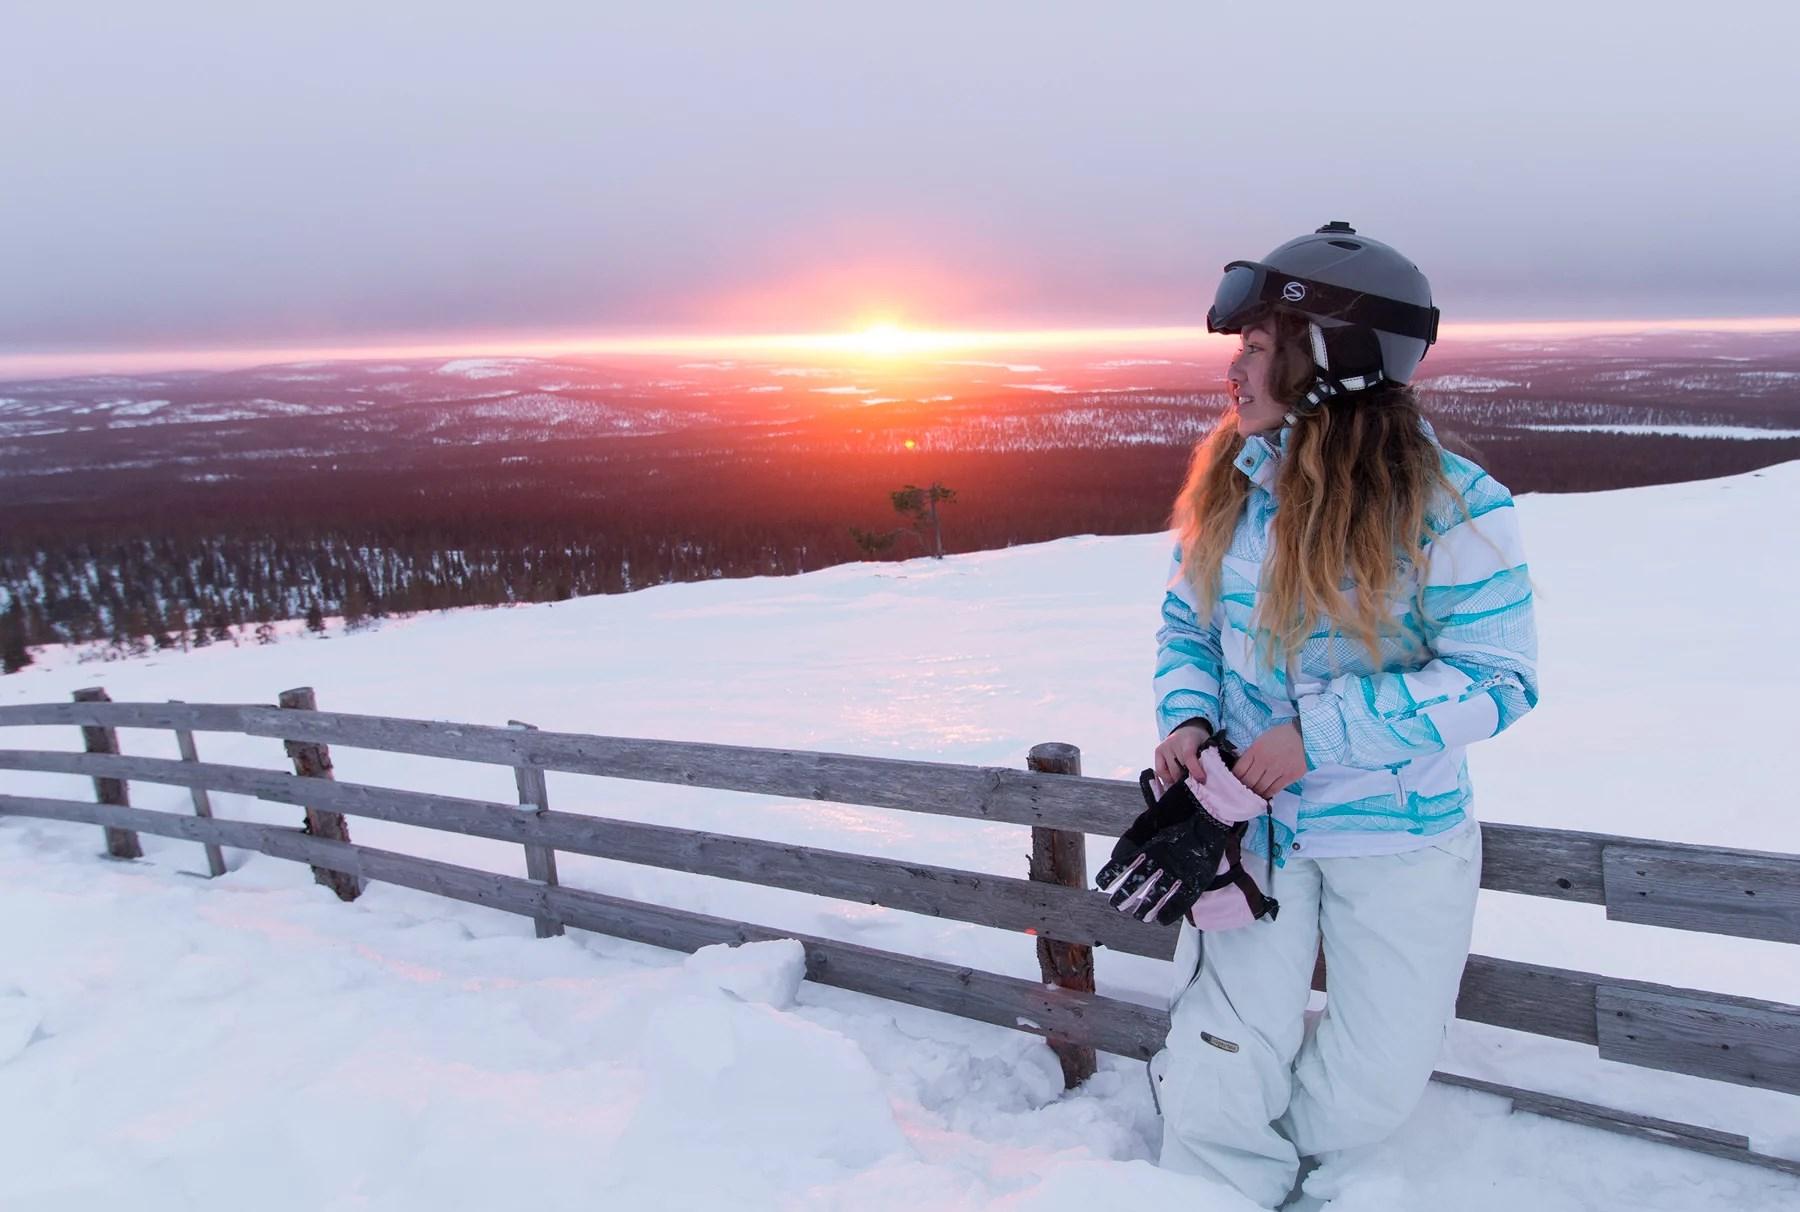 Vackra solnedgångar man bara ser med skidor